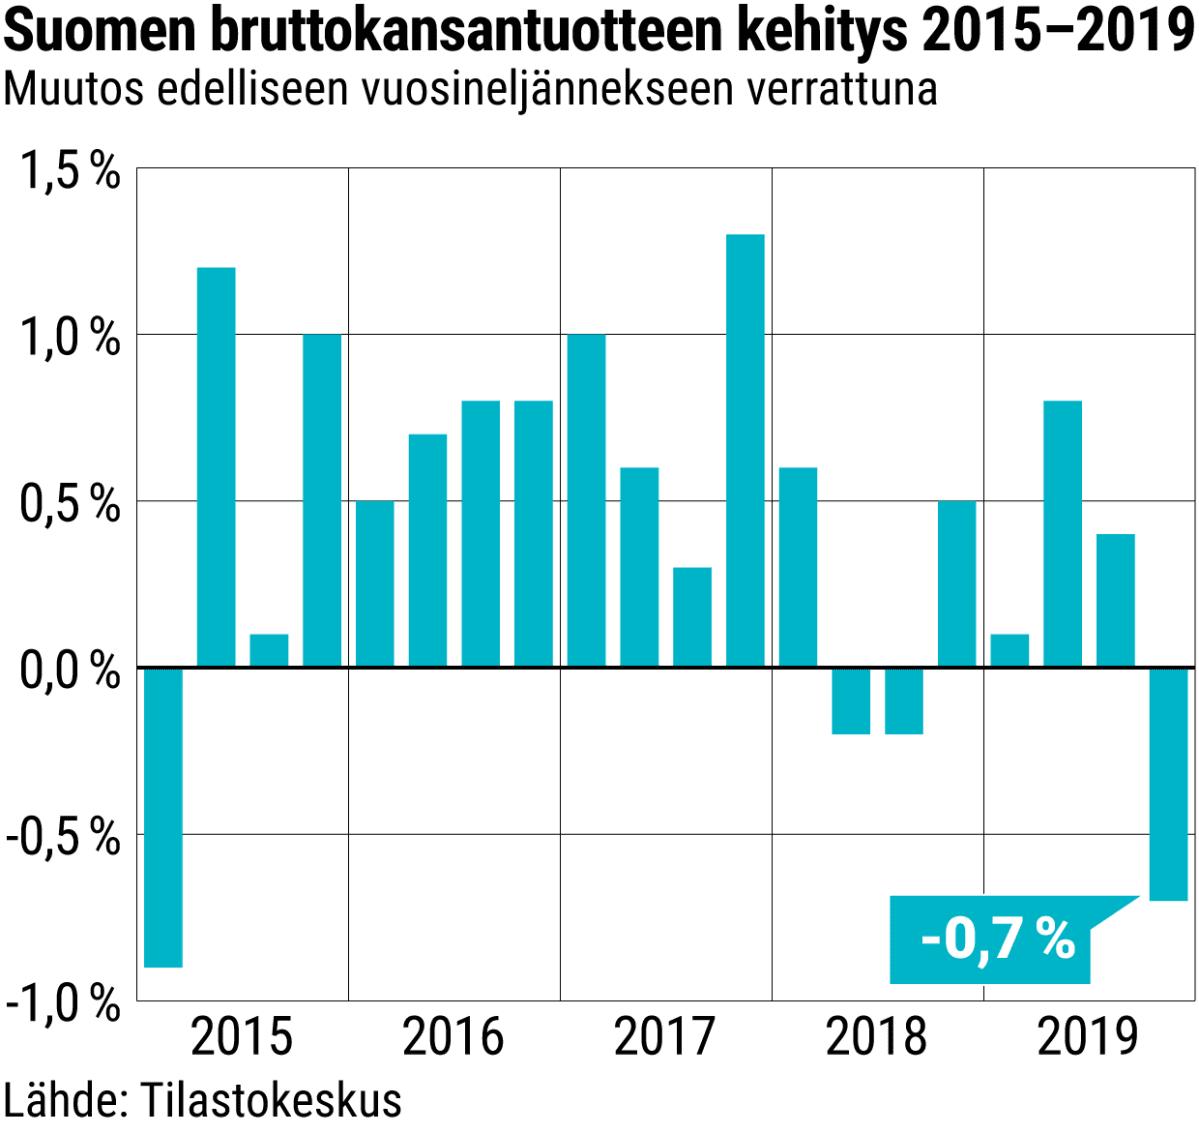 Suomen bruttokansnatuotteen kehitys 2015–2019